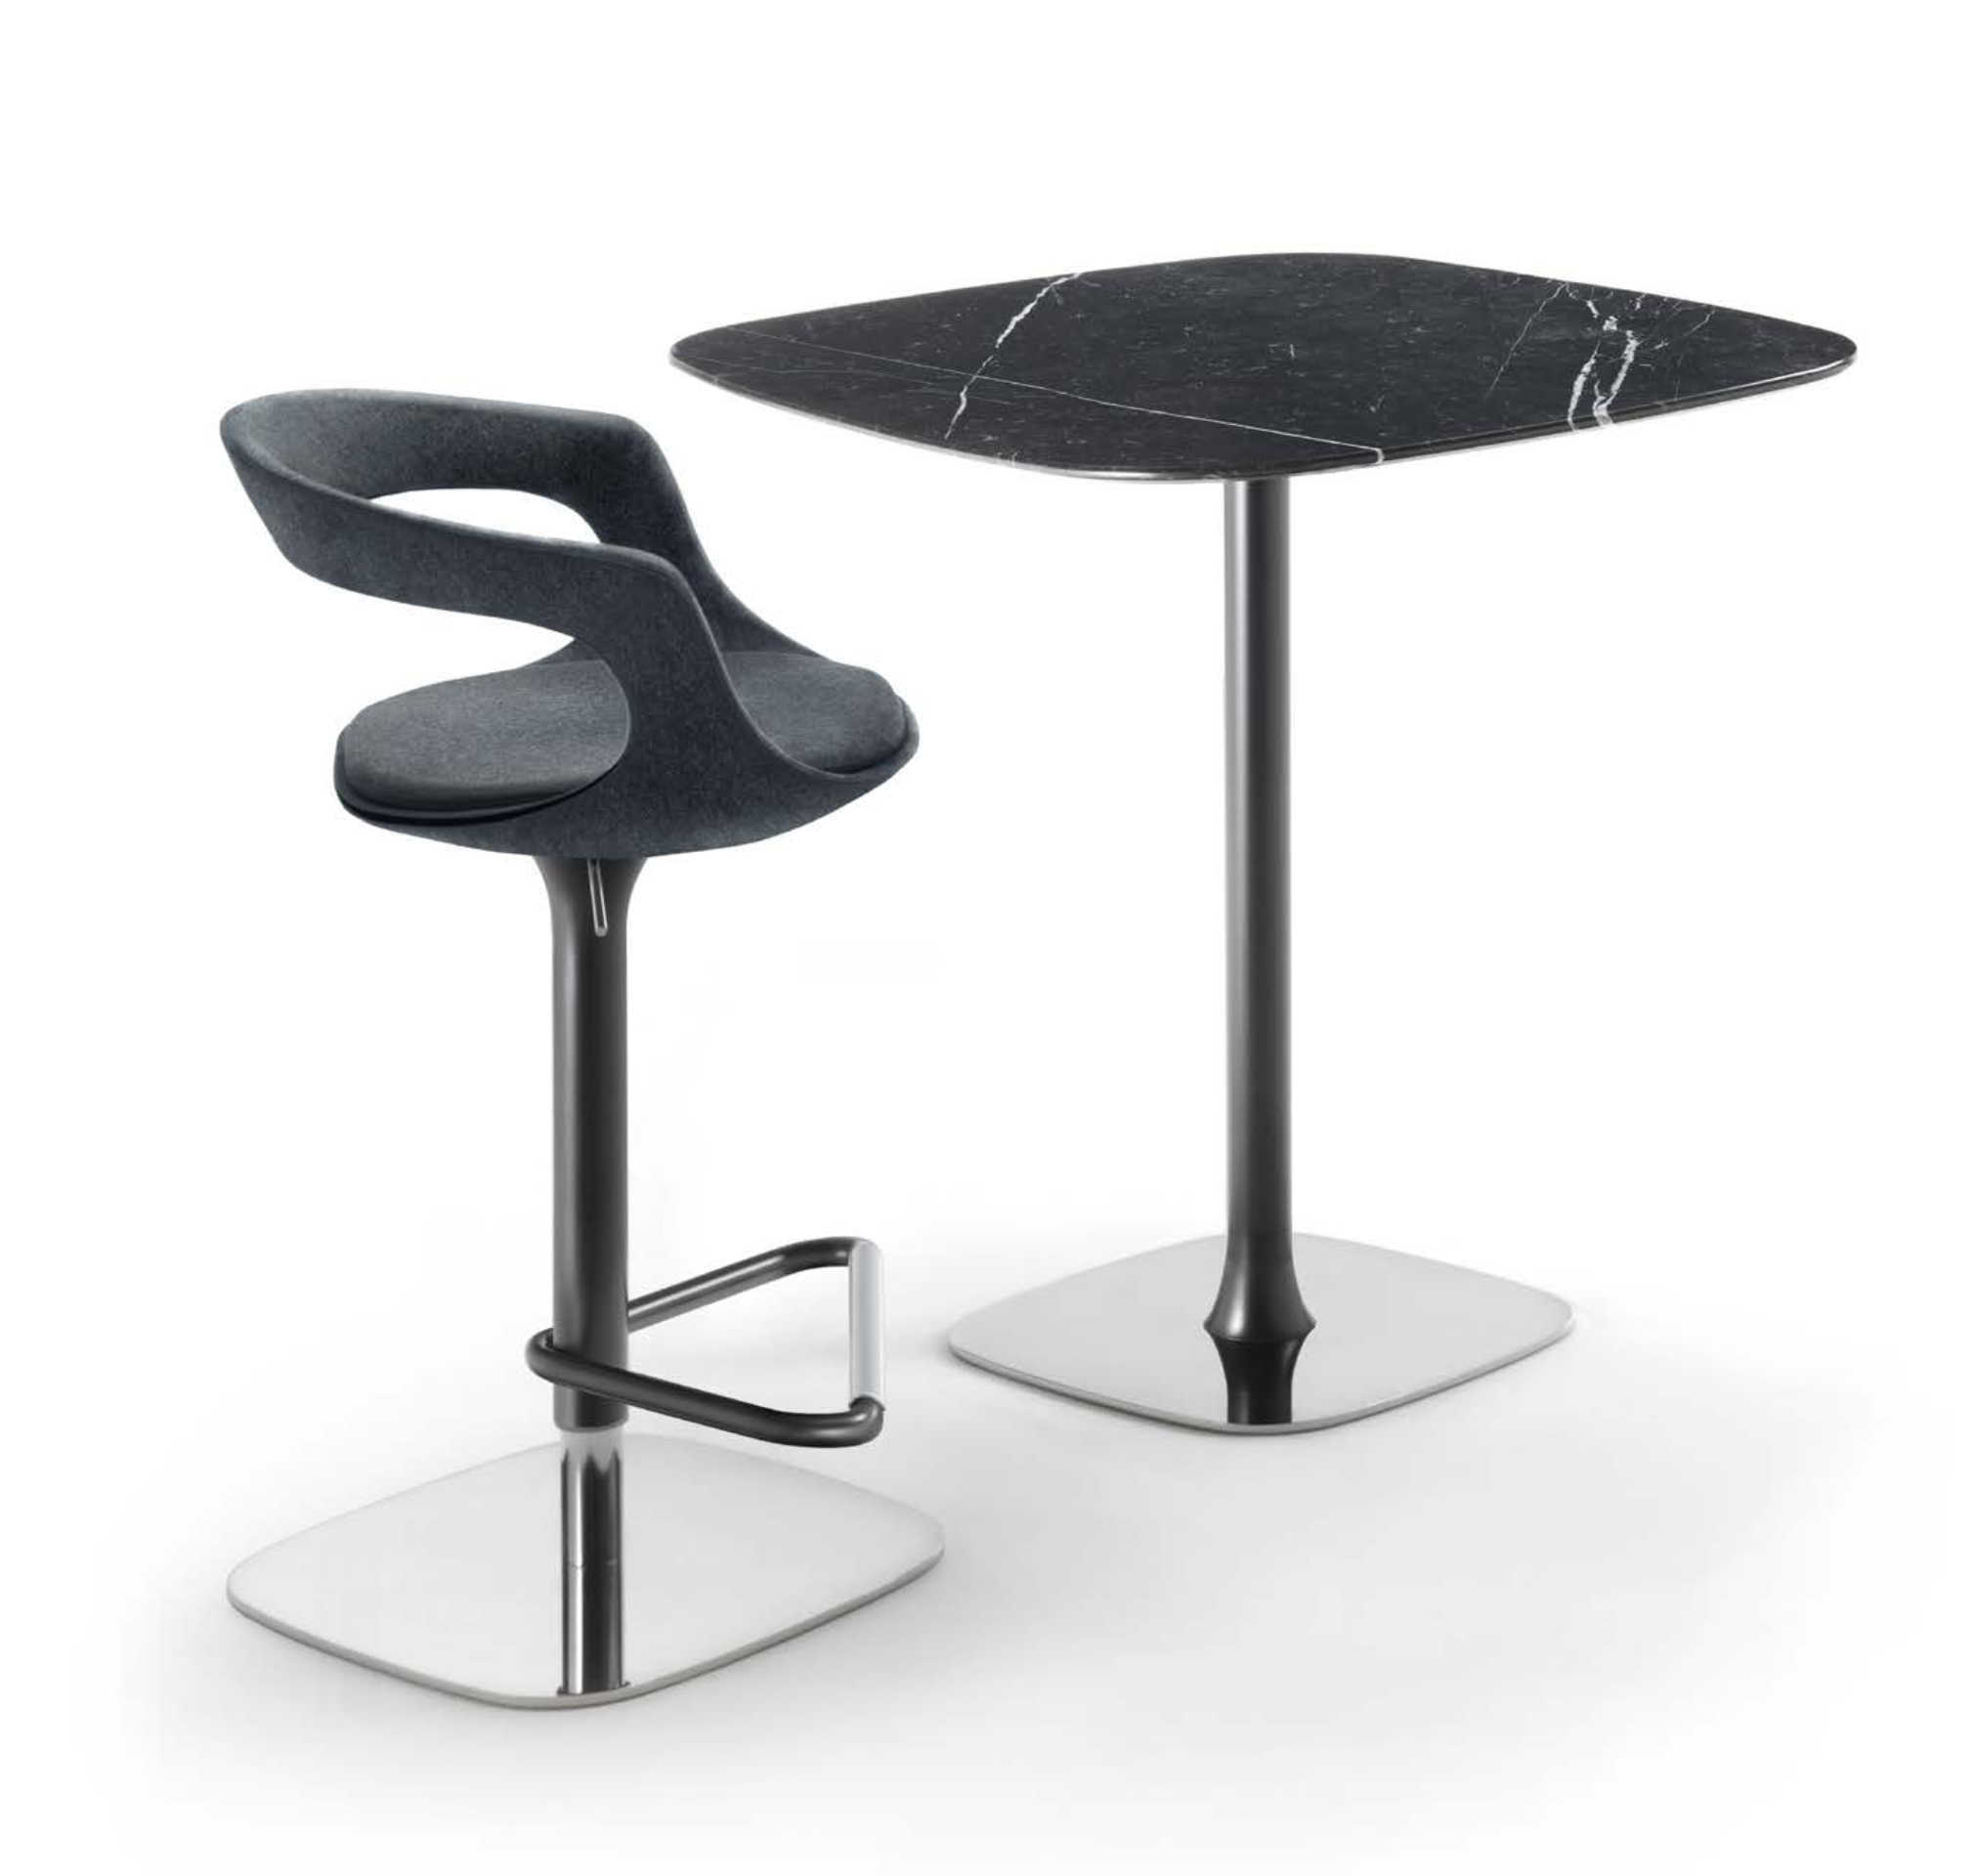 BAR 122 Modern Italian Bar Table